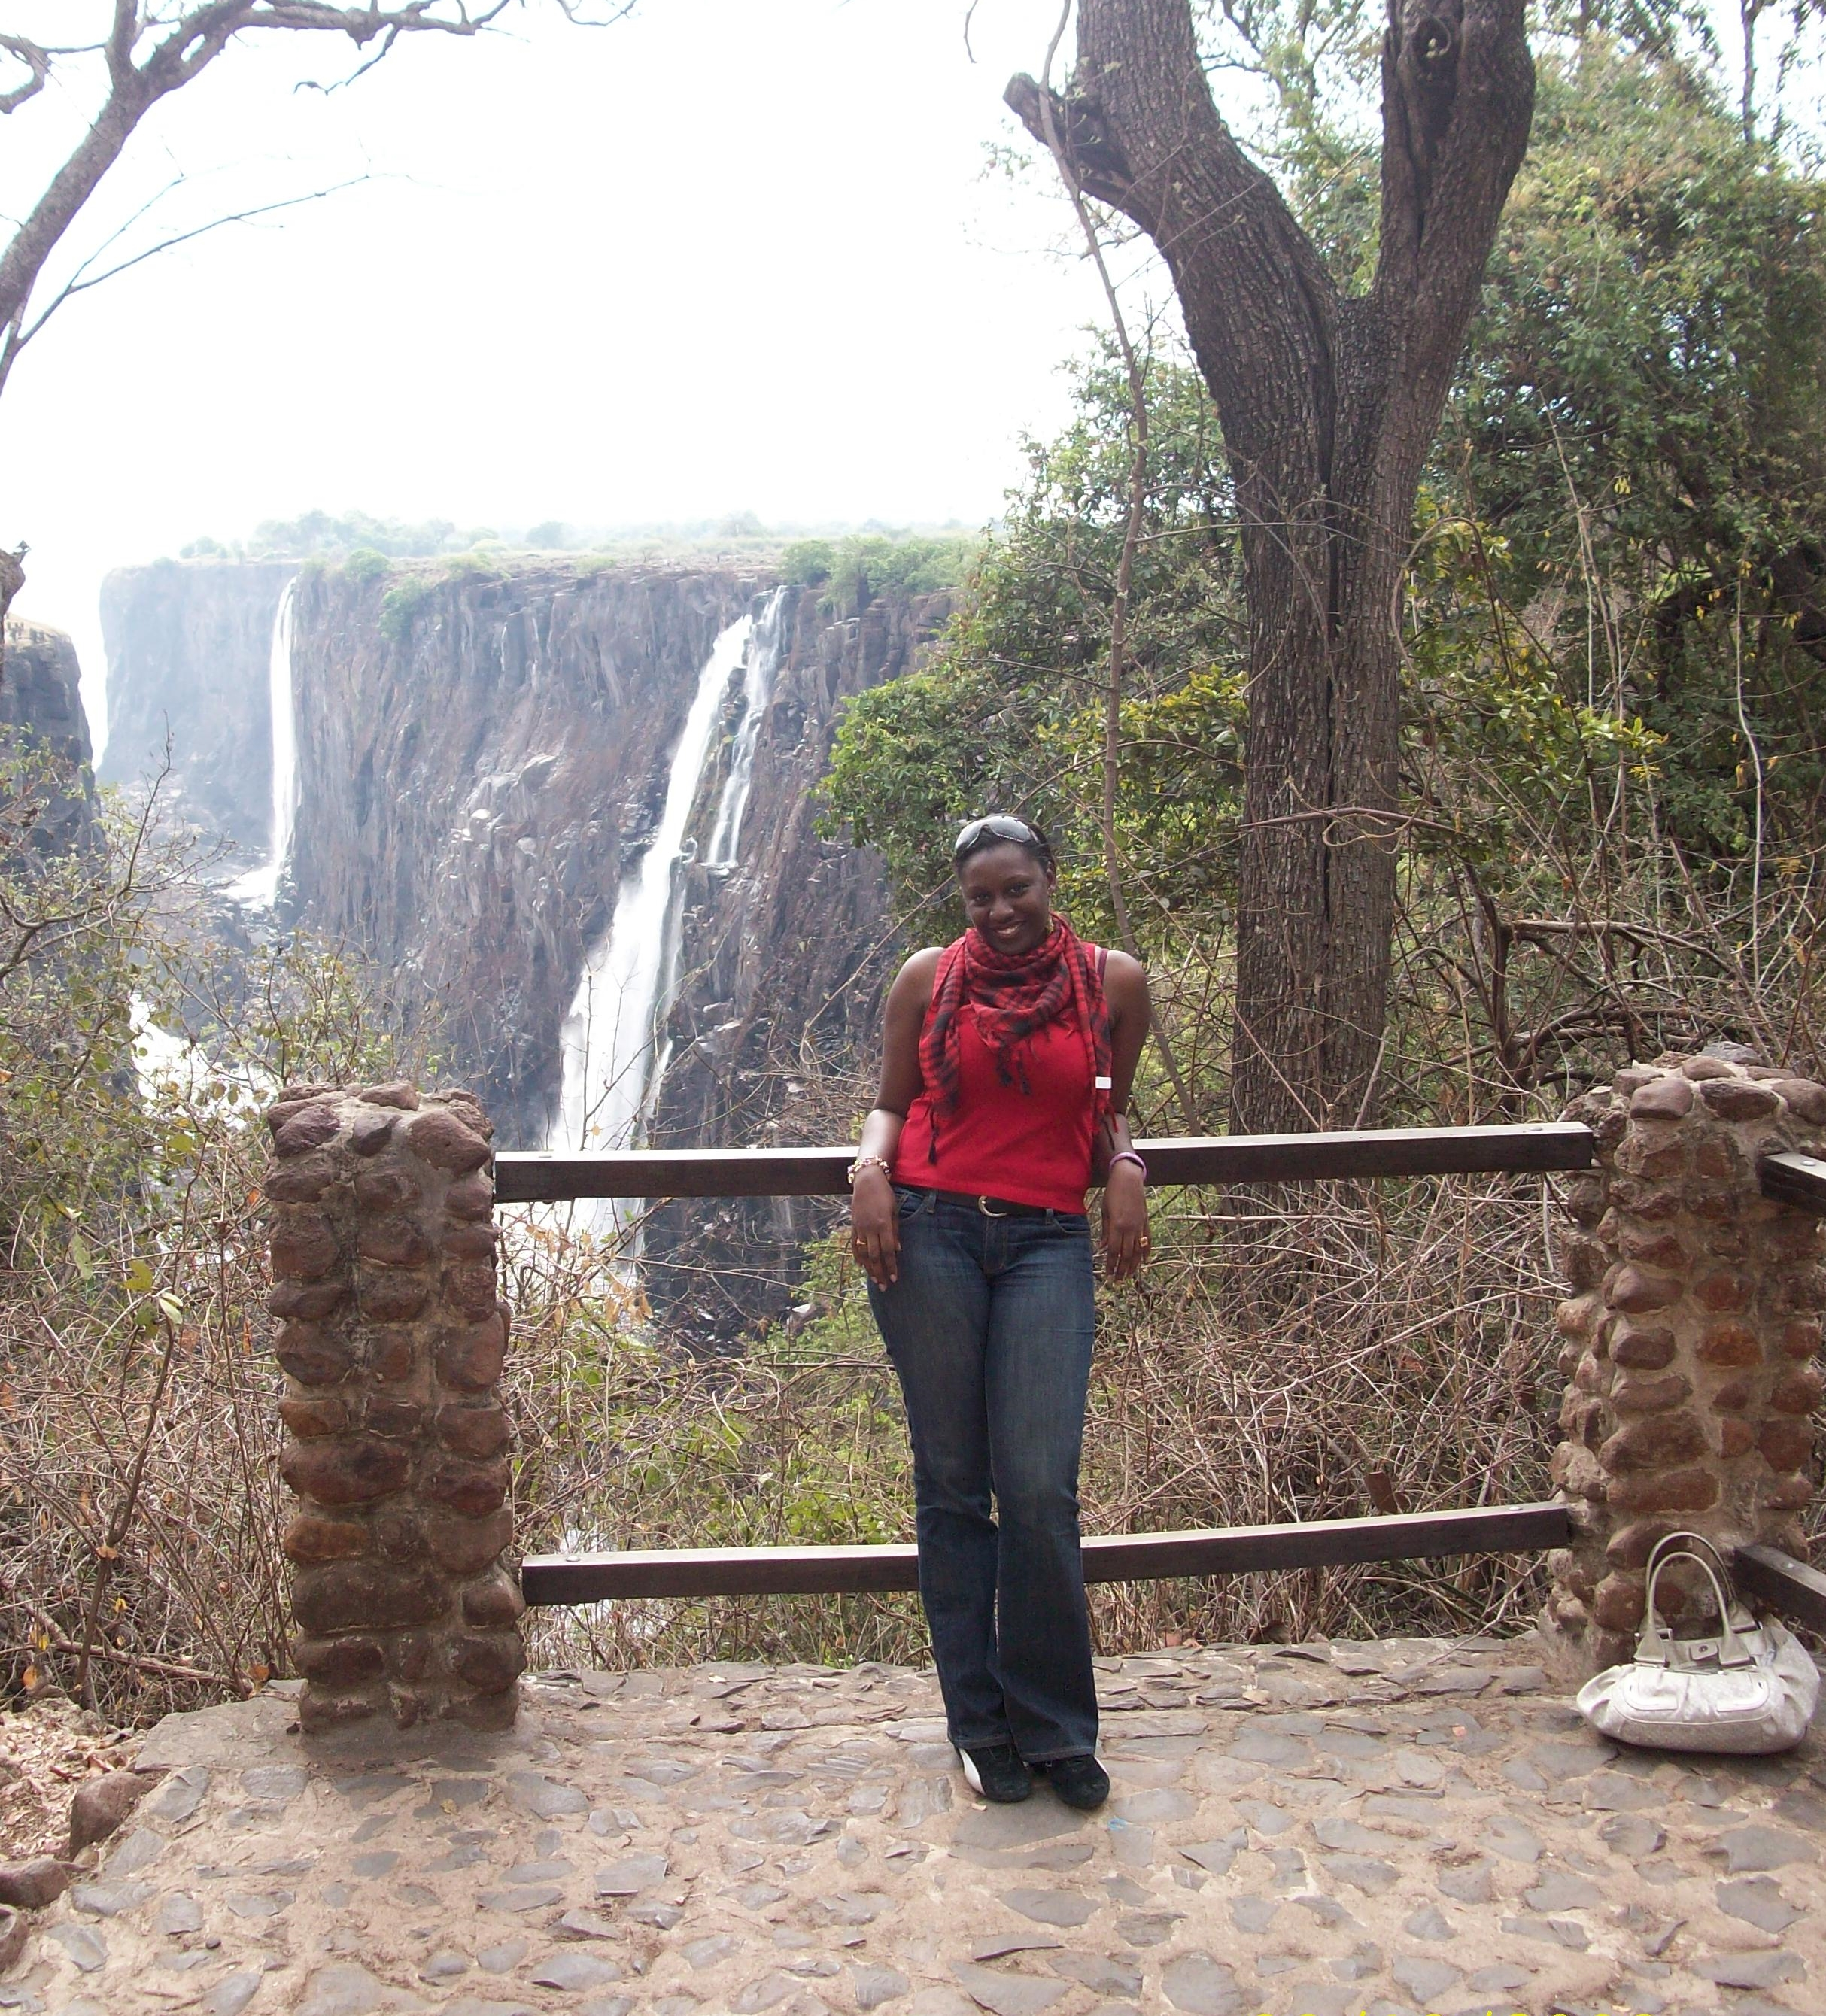 At Victoria Falls in Zambia.